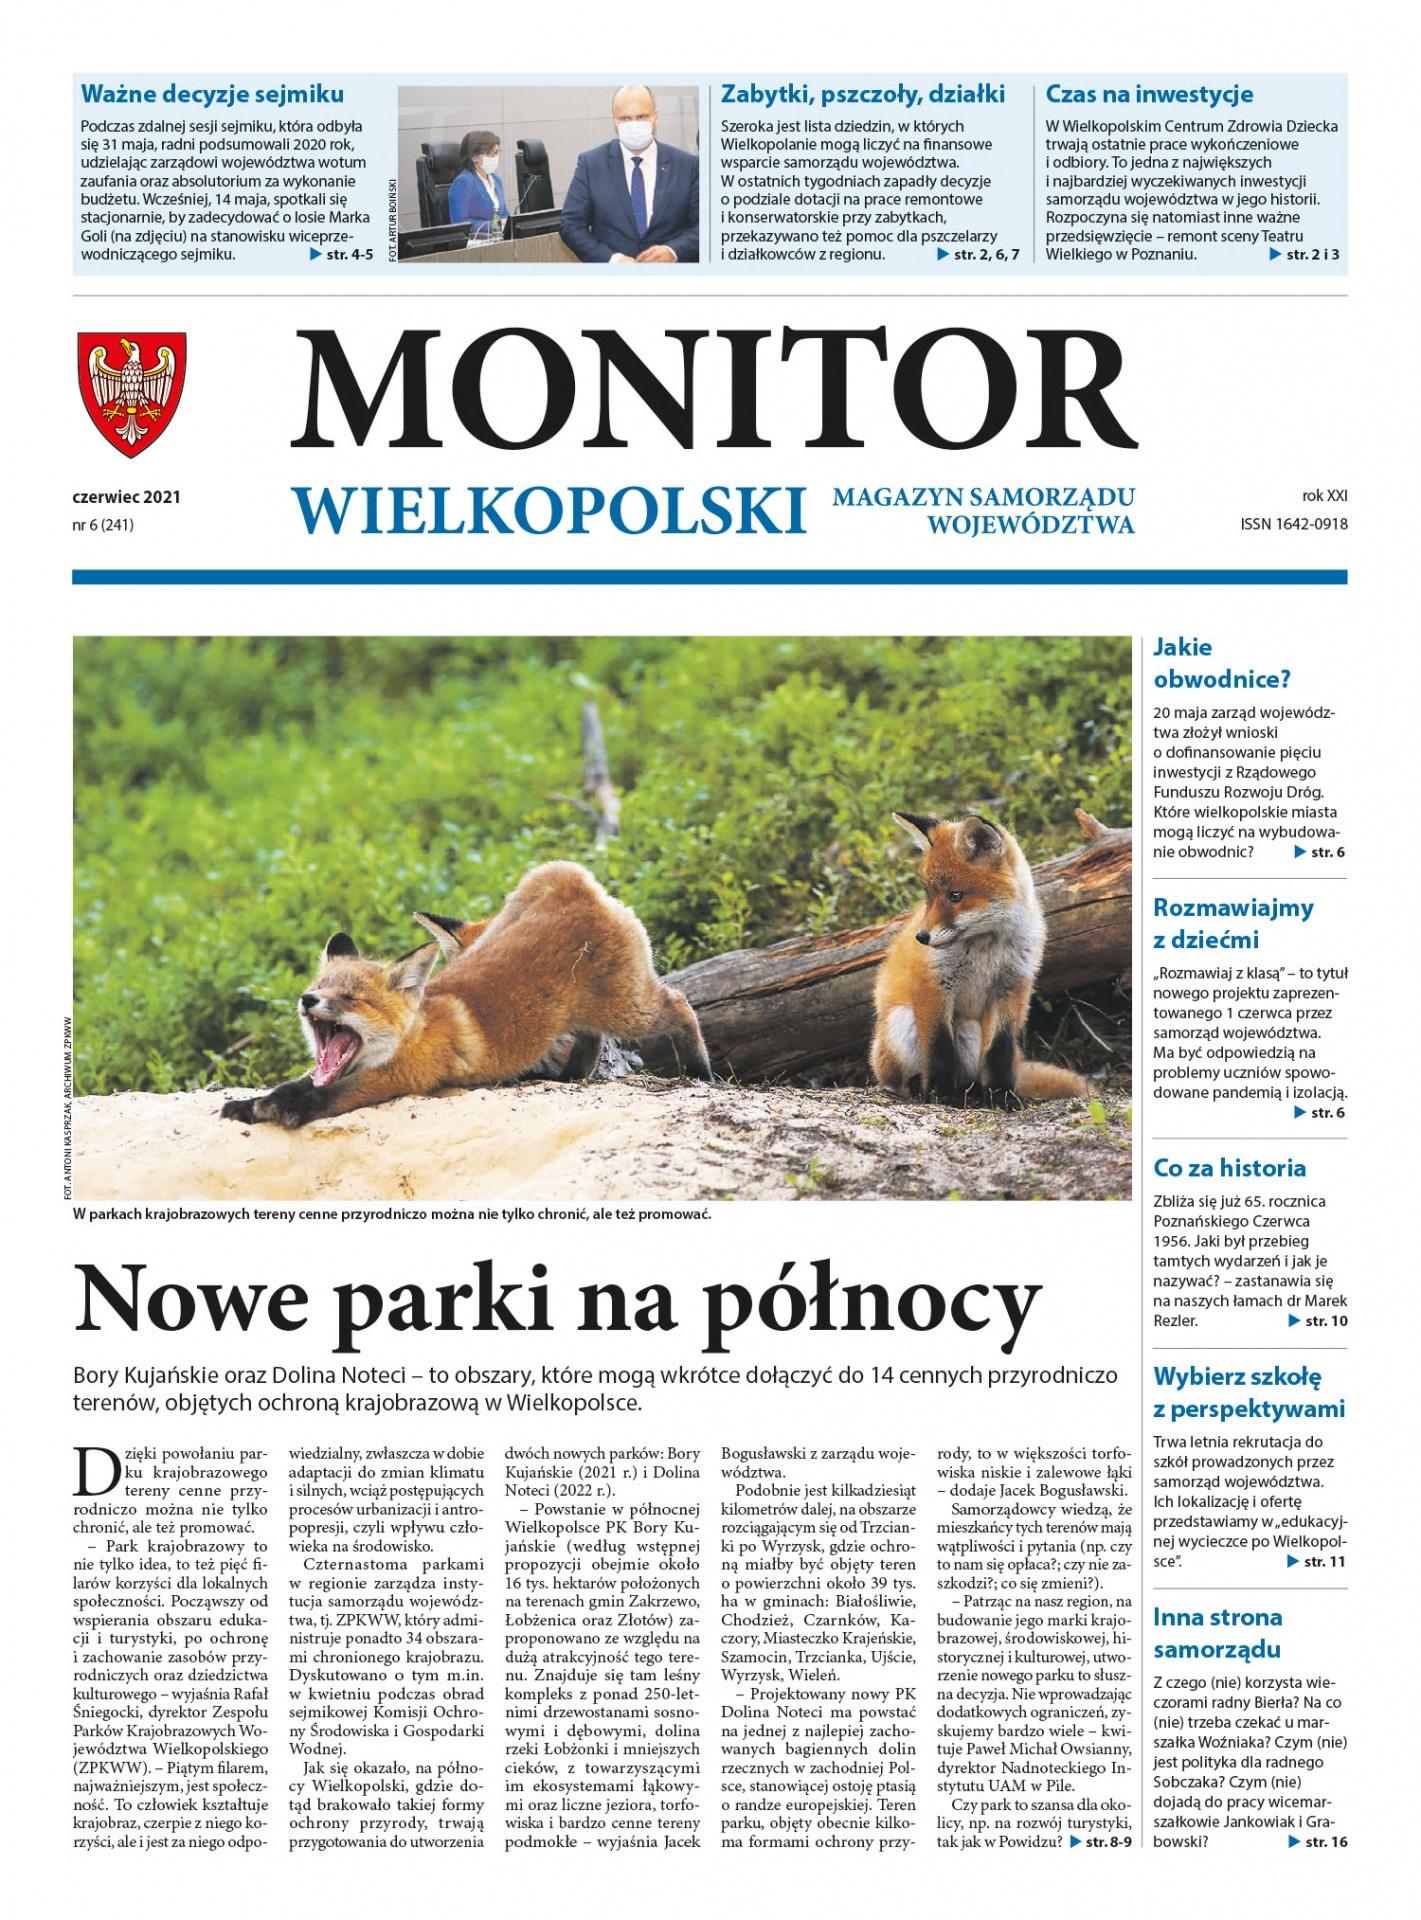 monitor-czerwiec-01.jpg